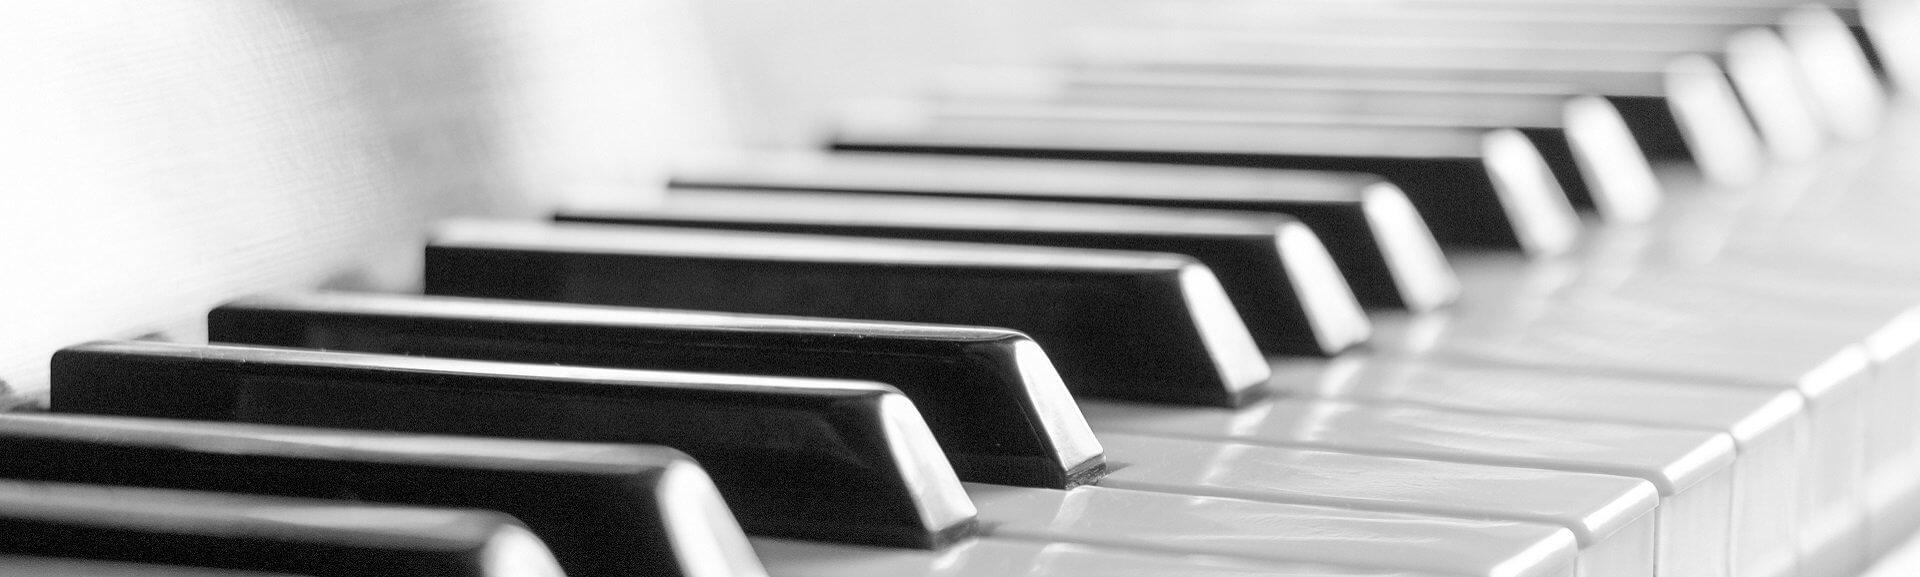 La pratique du piano a beaucoup de bienfaits pour votre santé !